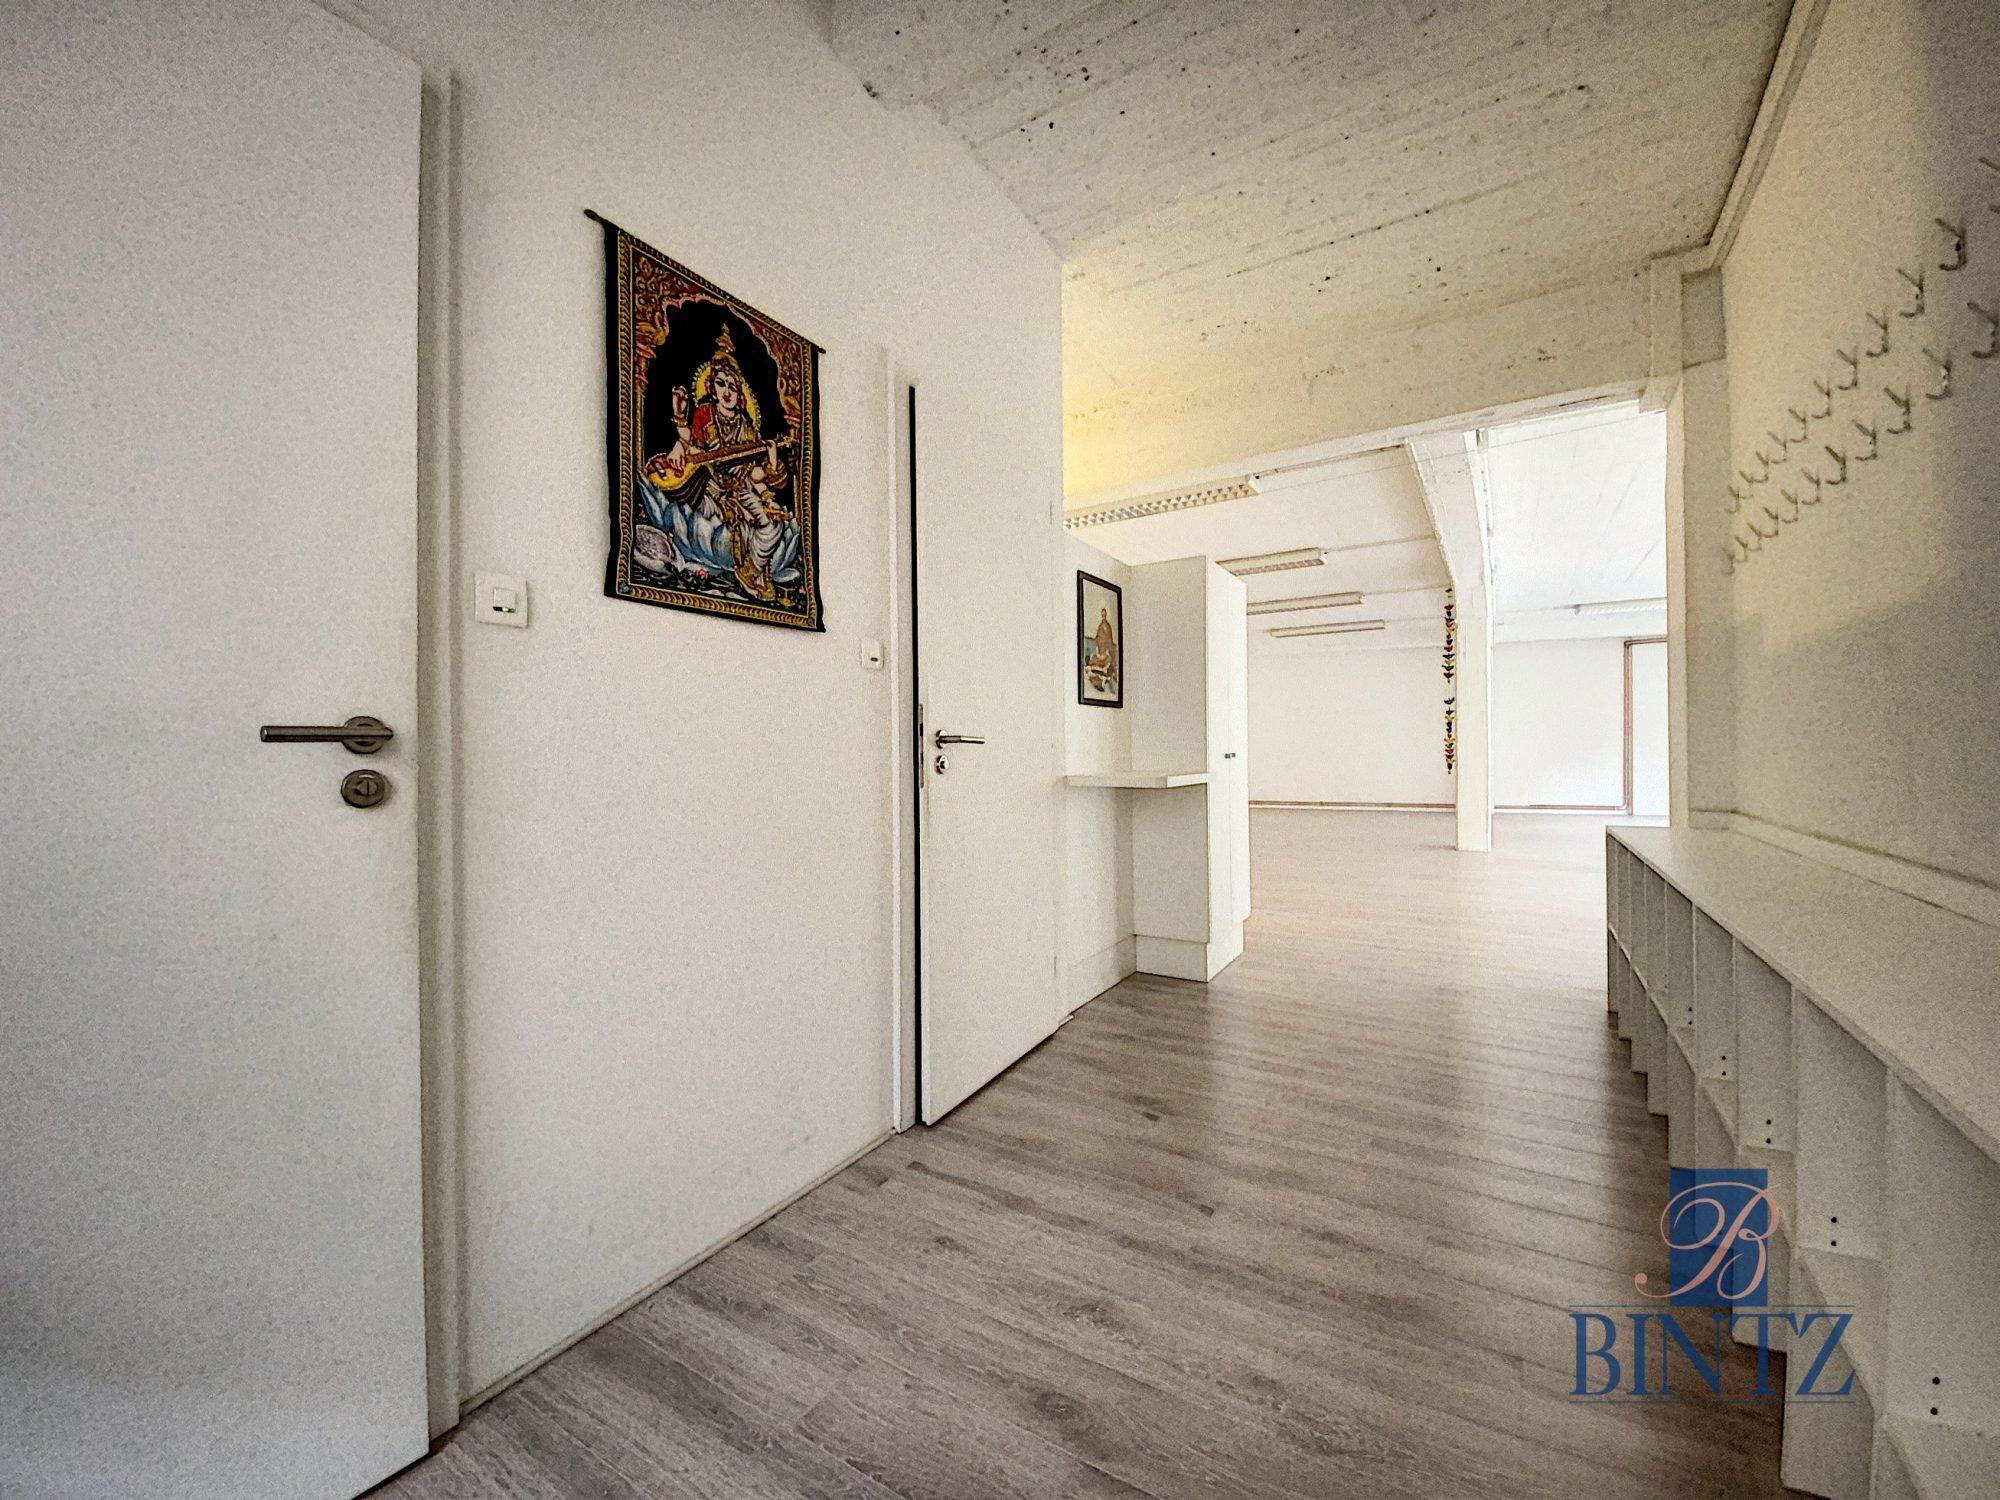 Plateau commercial à Louer Centre-ville - Devenez locataire en toute sérénité - Bintz Immobilier - 3